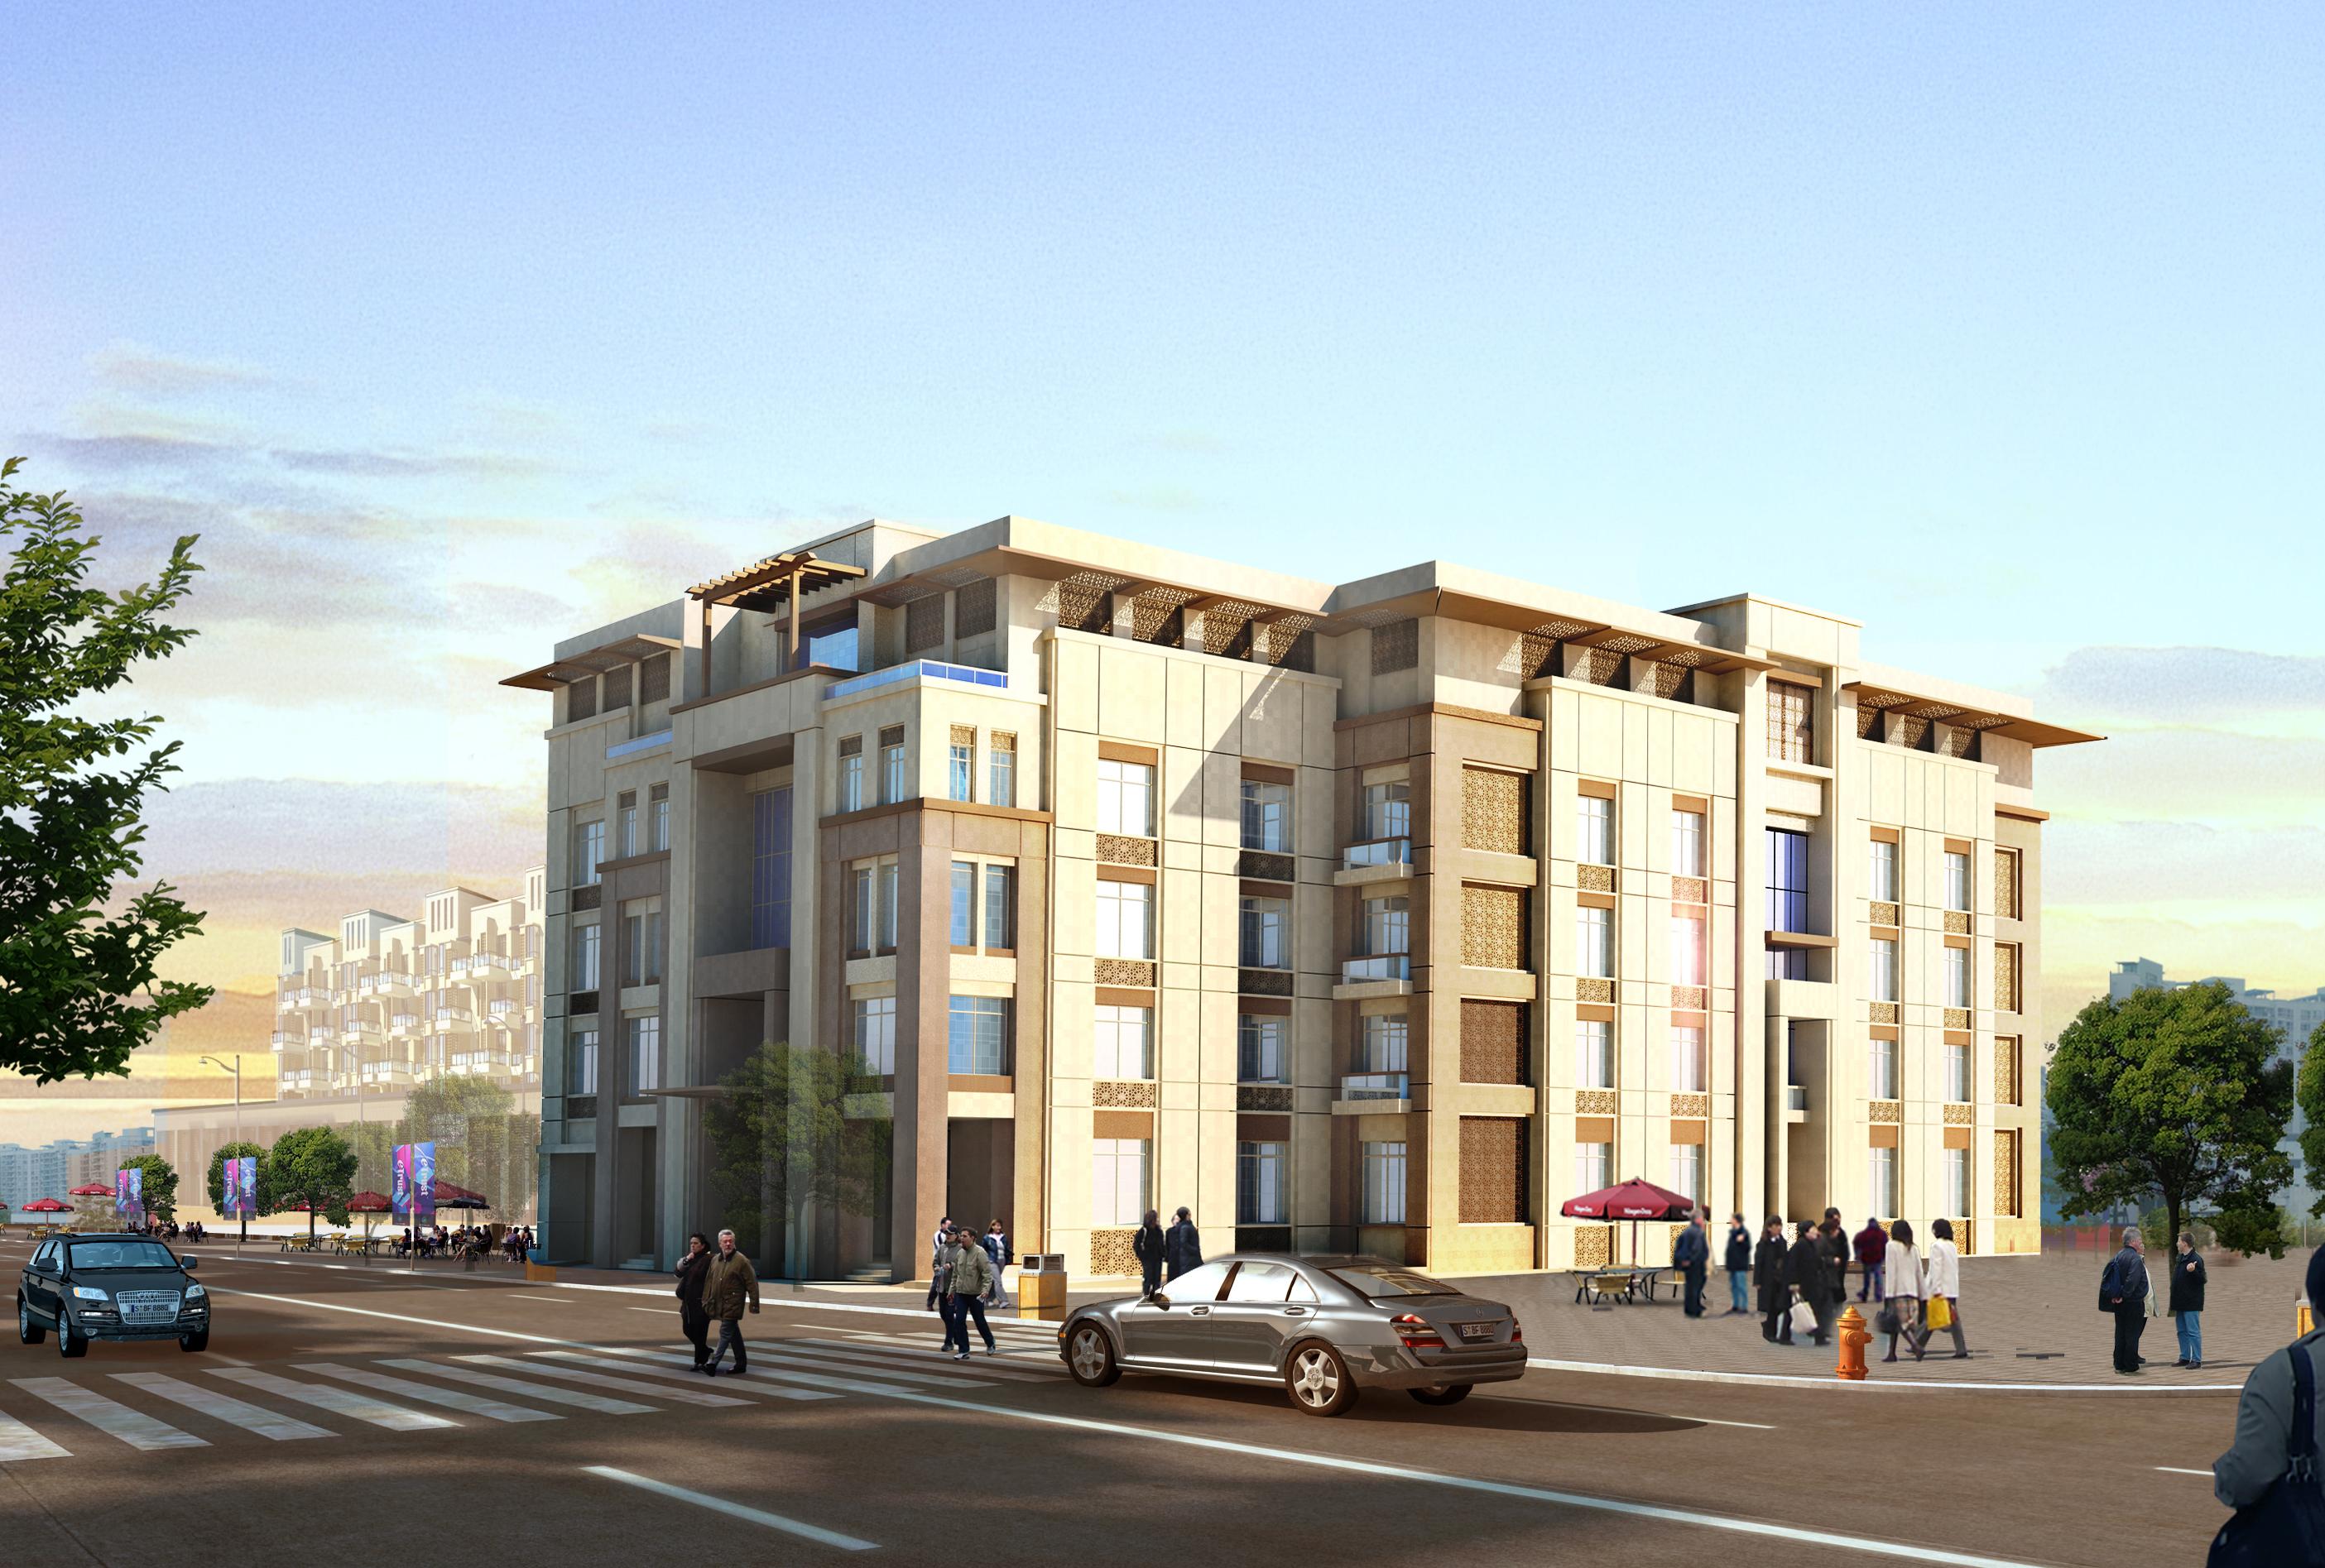 AL HITMI RESIDENTIAL BUILDING